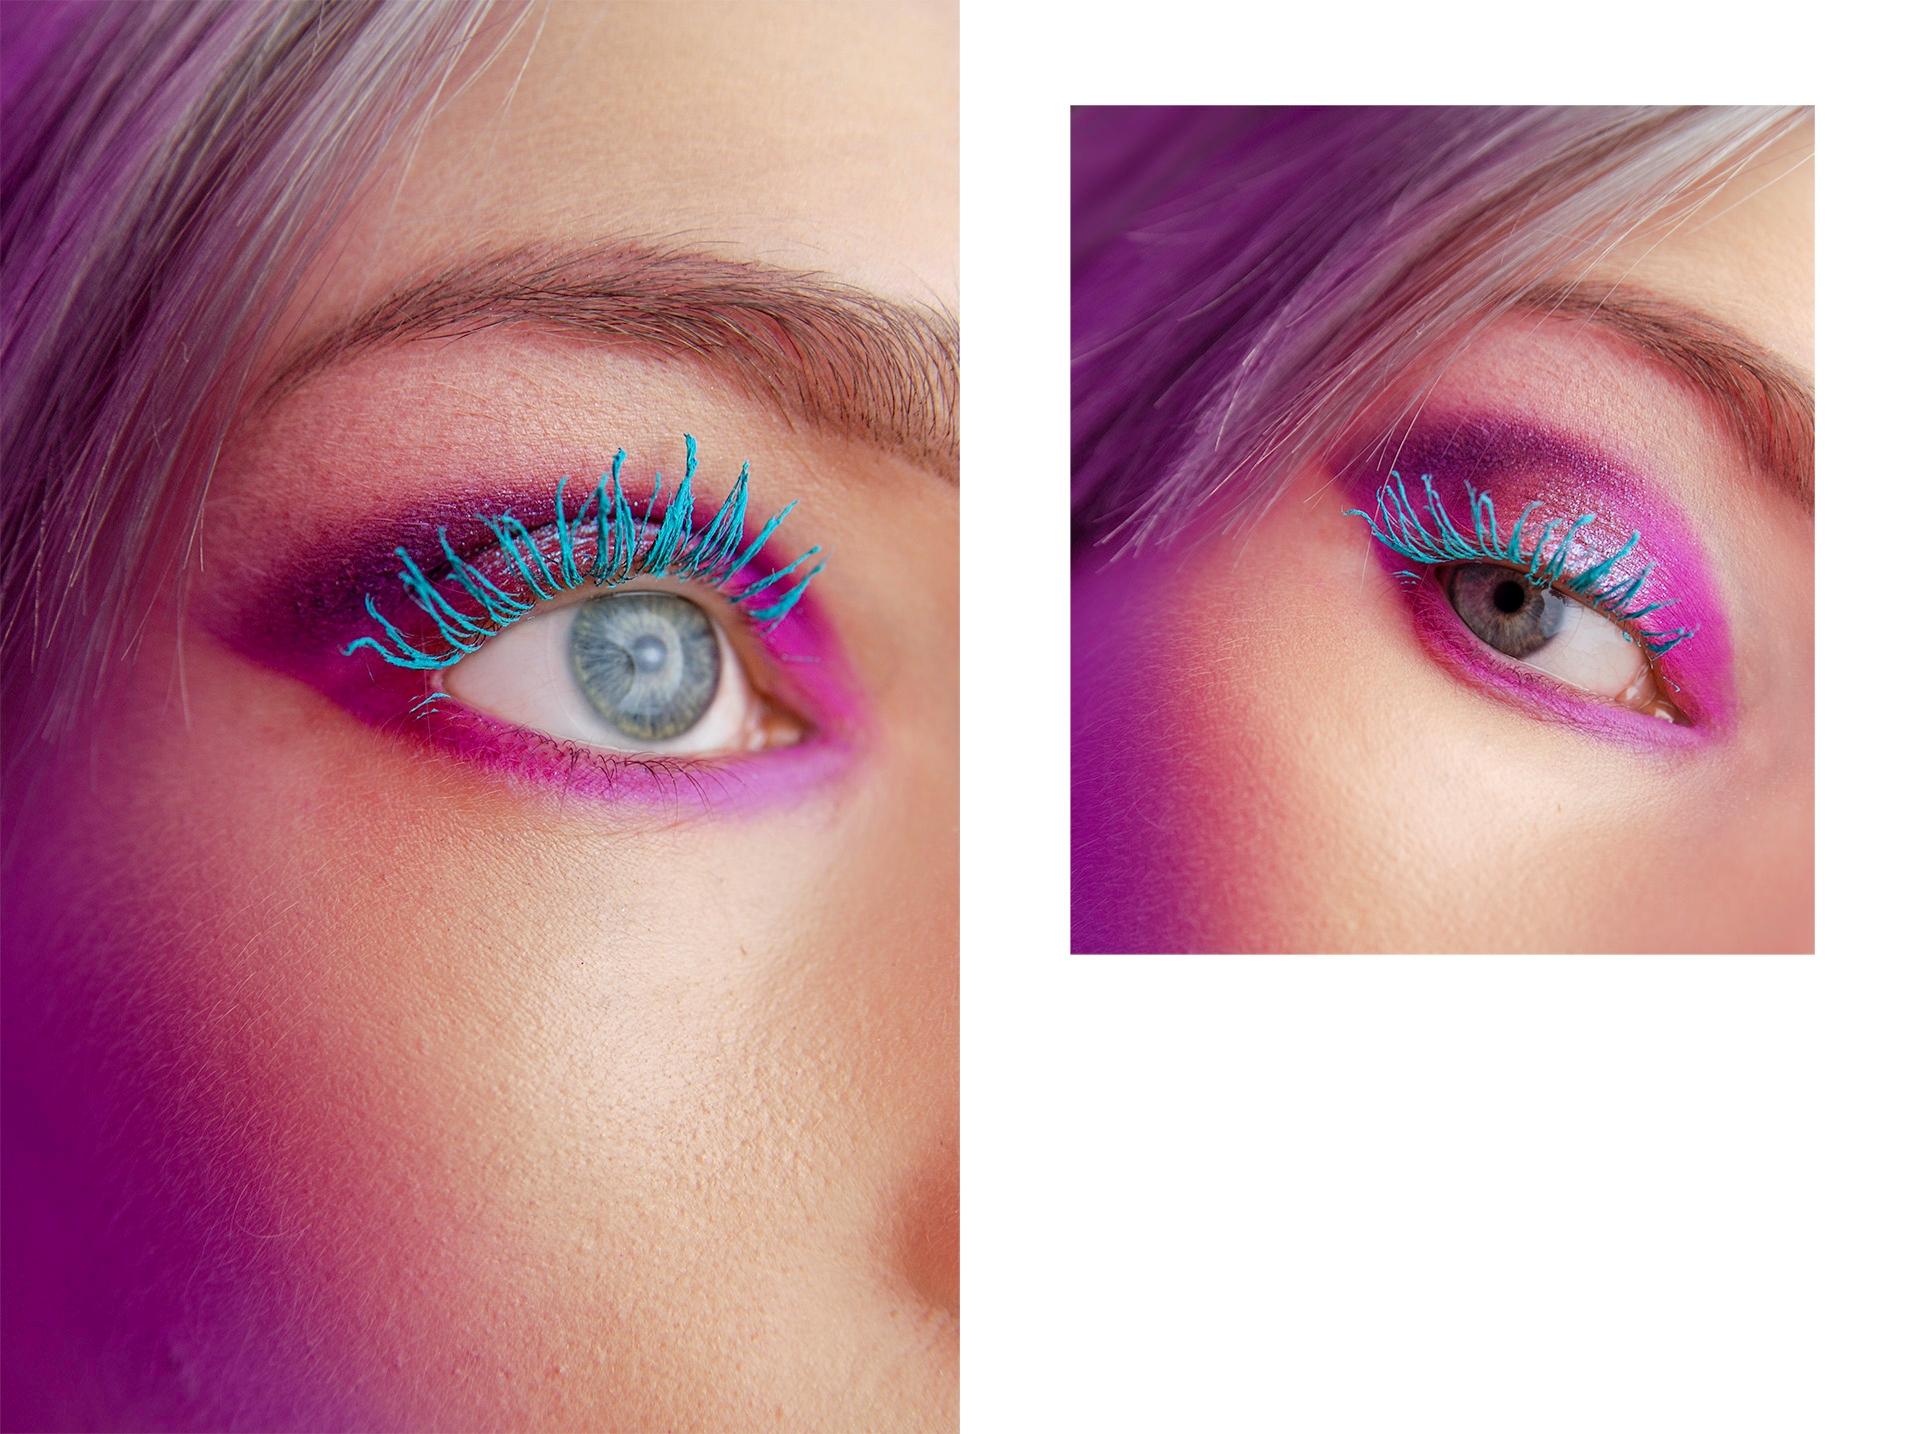 Obraz przedstawia dwa zdjęcia lewego oka obok siebie. Oko ma pomalowane rzęsy na niebiesko i z lewej strony pada na twarz fioletowe światło.